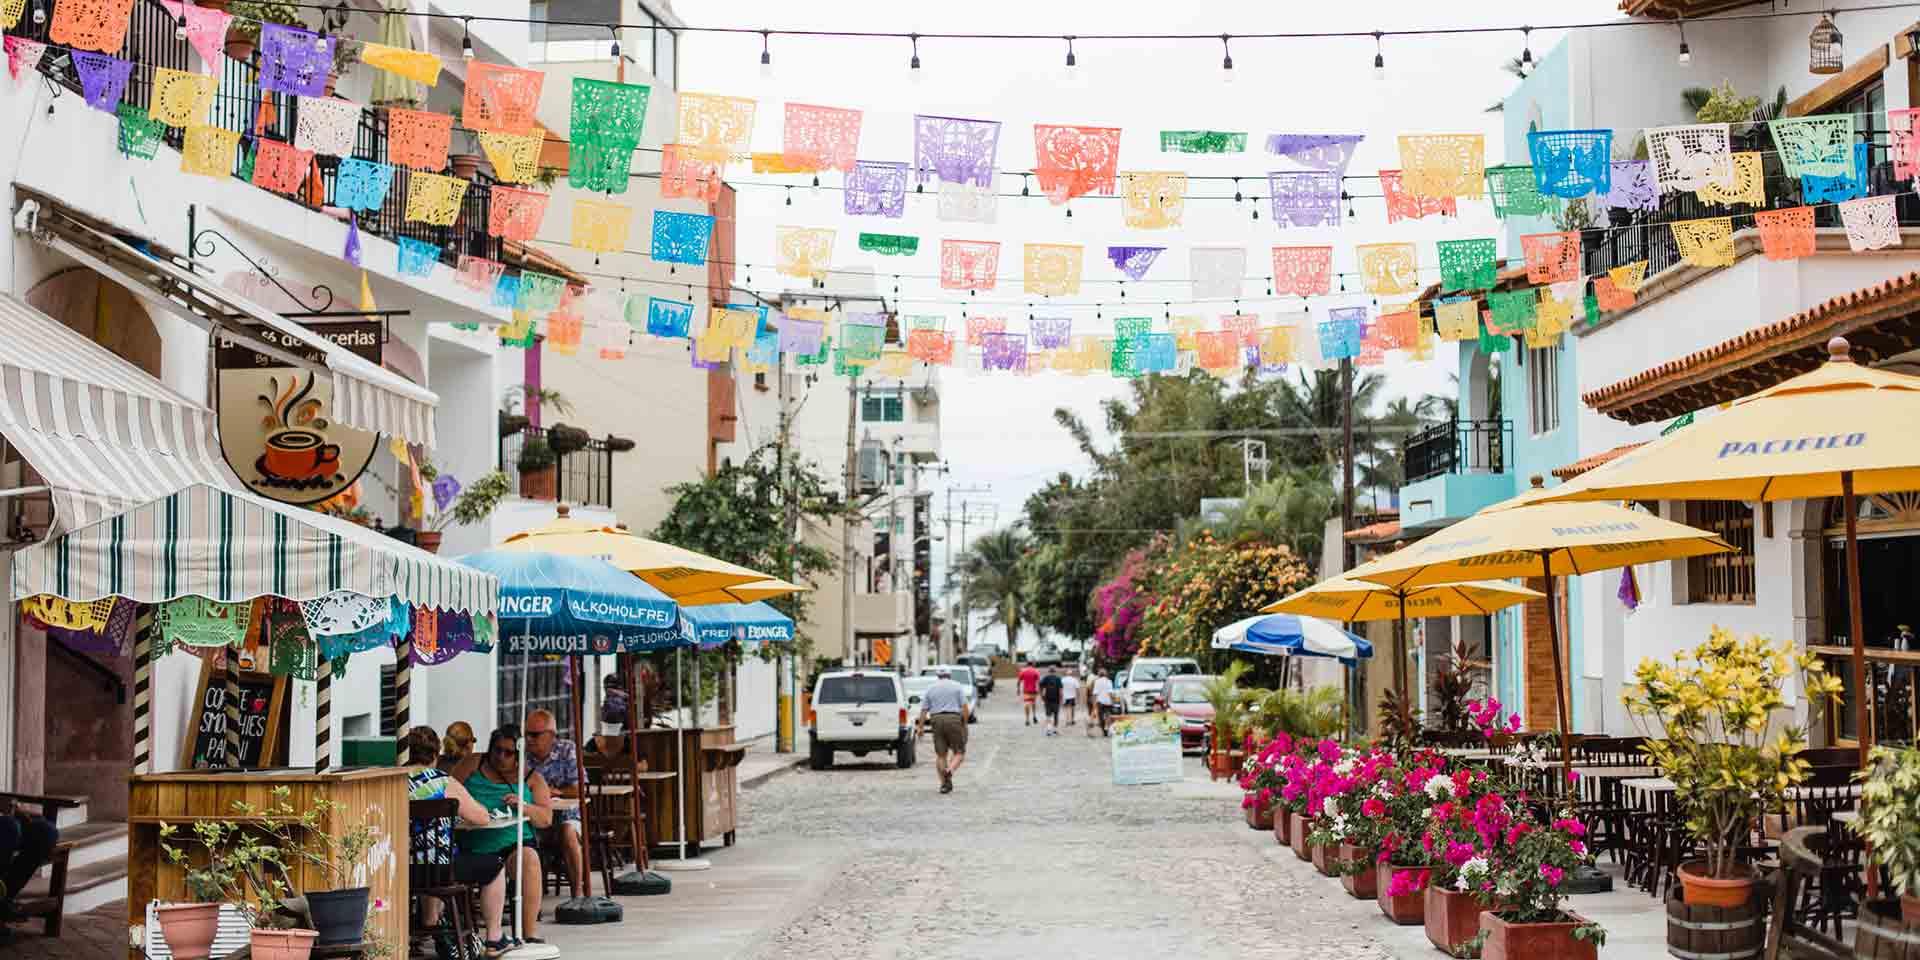 MARRIOTT TRAVELER - Guía para explorar los alrededores de Punta de Mita, Riviera Nayarit     Photo Credit: Getty Images